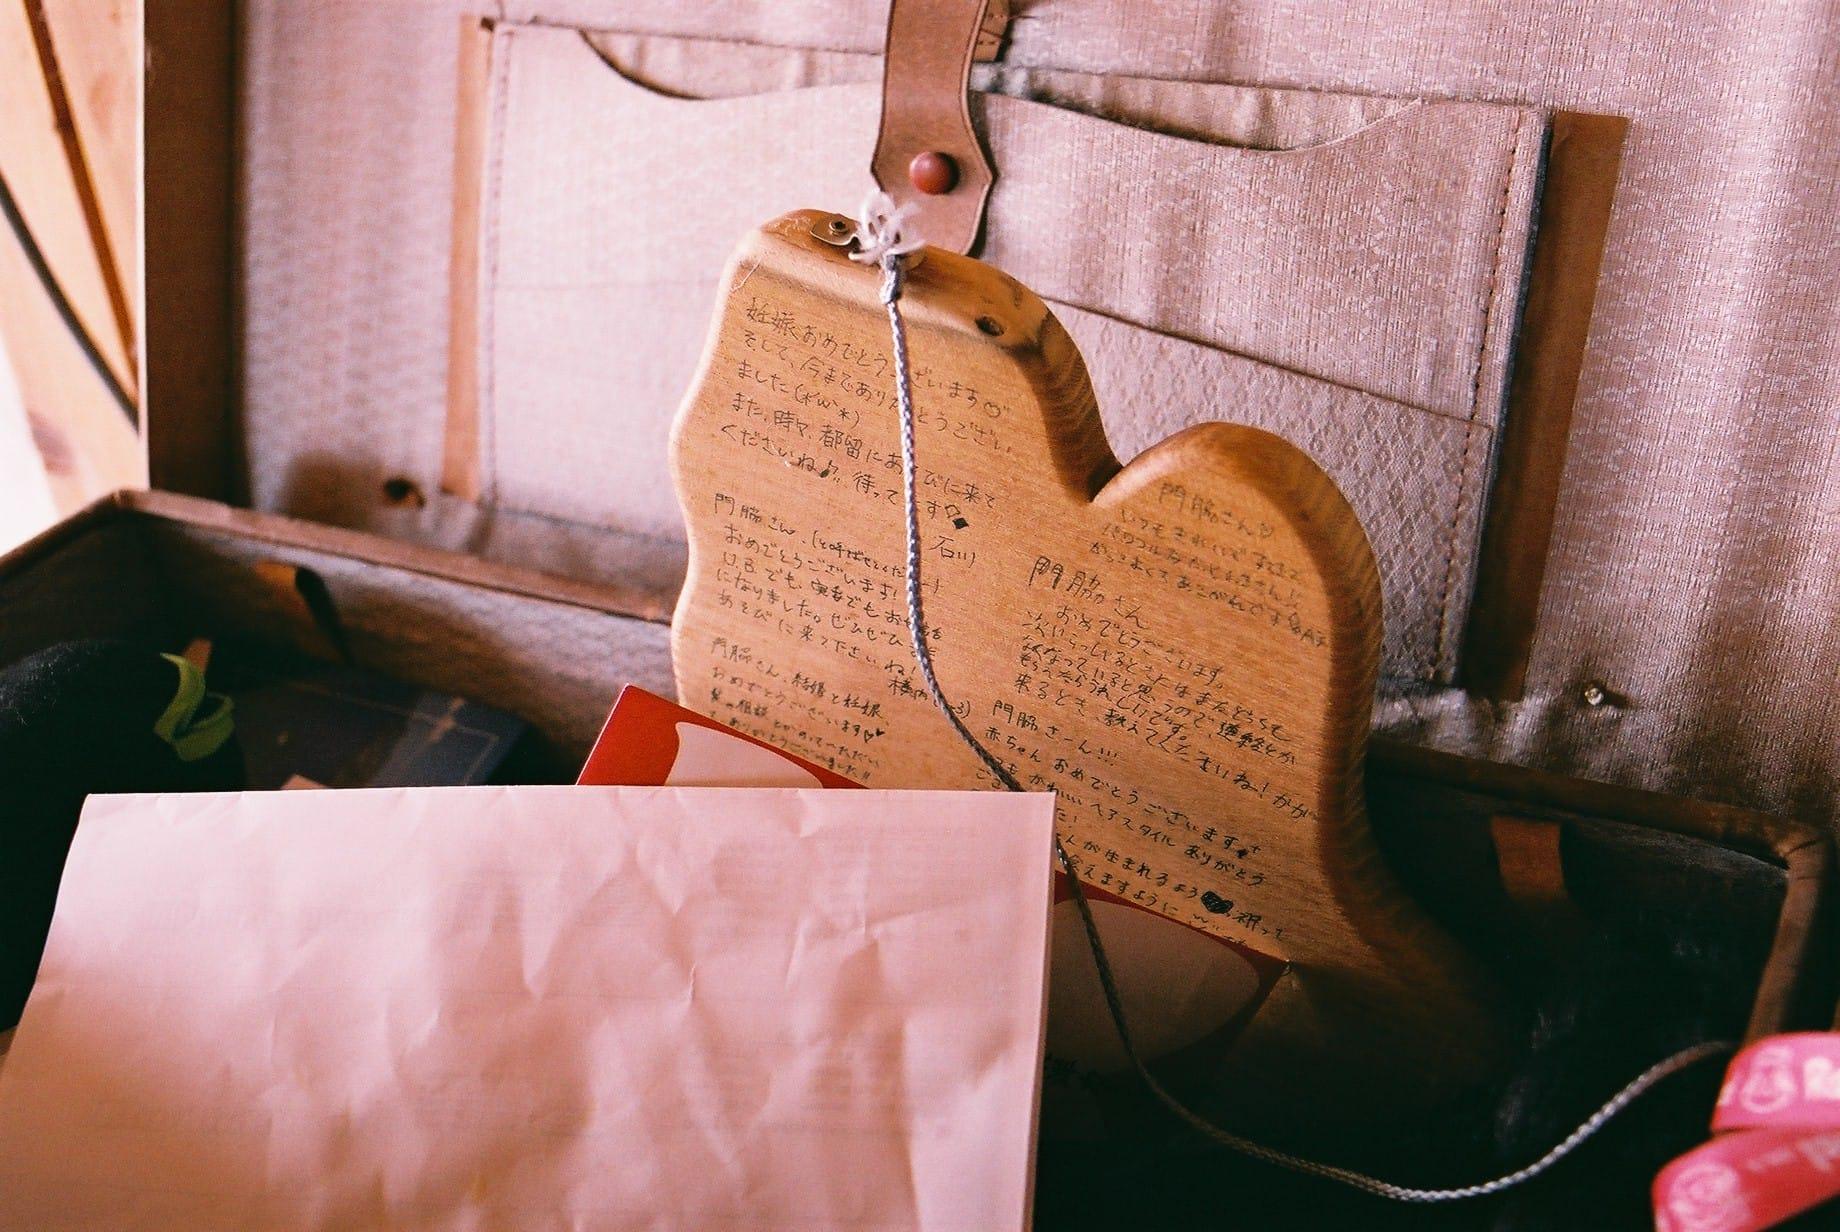 鳥取県へ移り住む時、山梨県で参加していた地域団体の方々からもらったという寄せ書き。